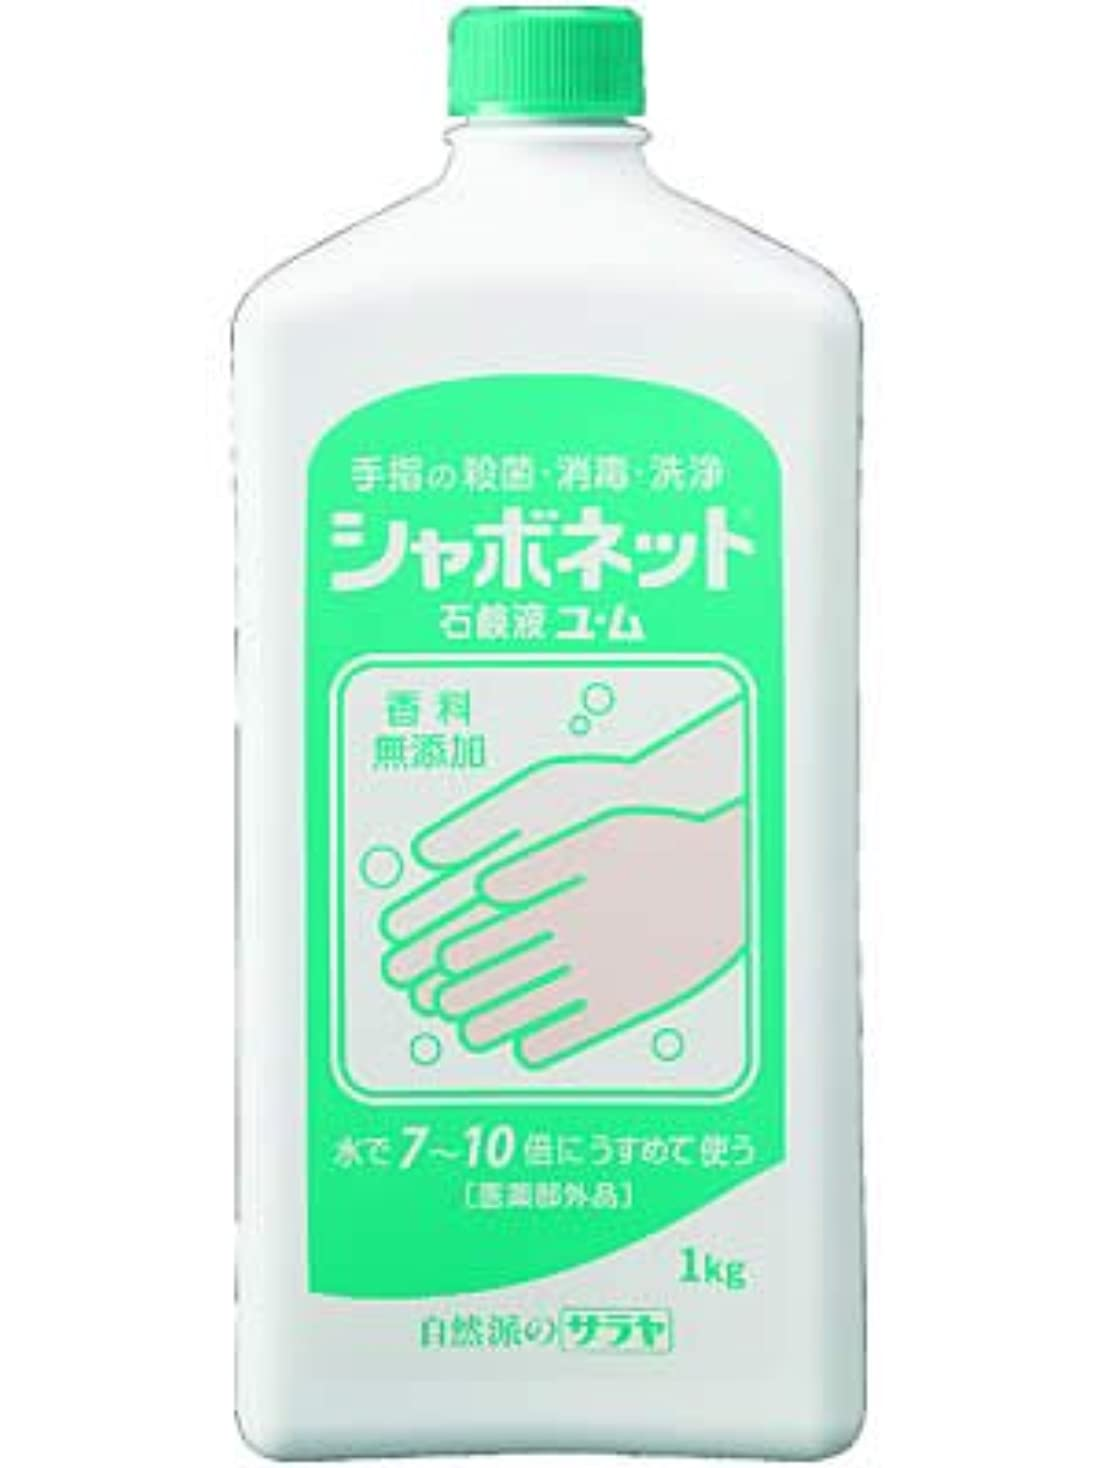 二度道路簡略化するシャボネット 石鹸液 ユ?ム 1kg ×3個セット